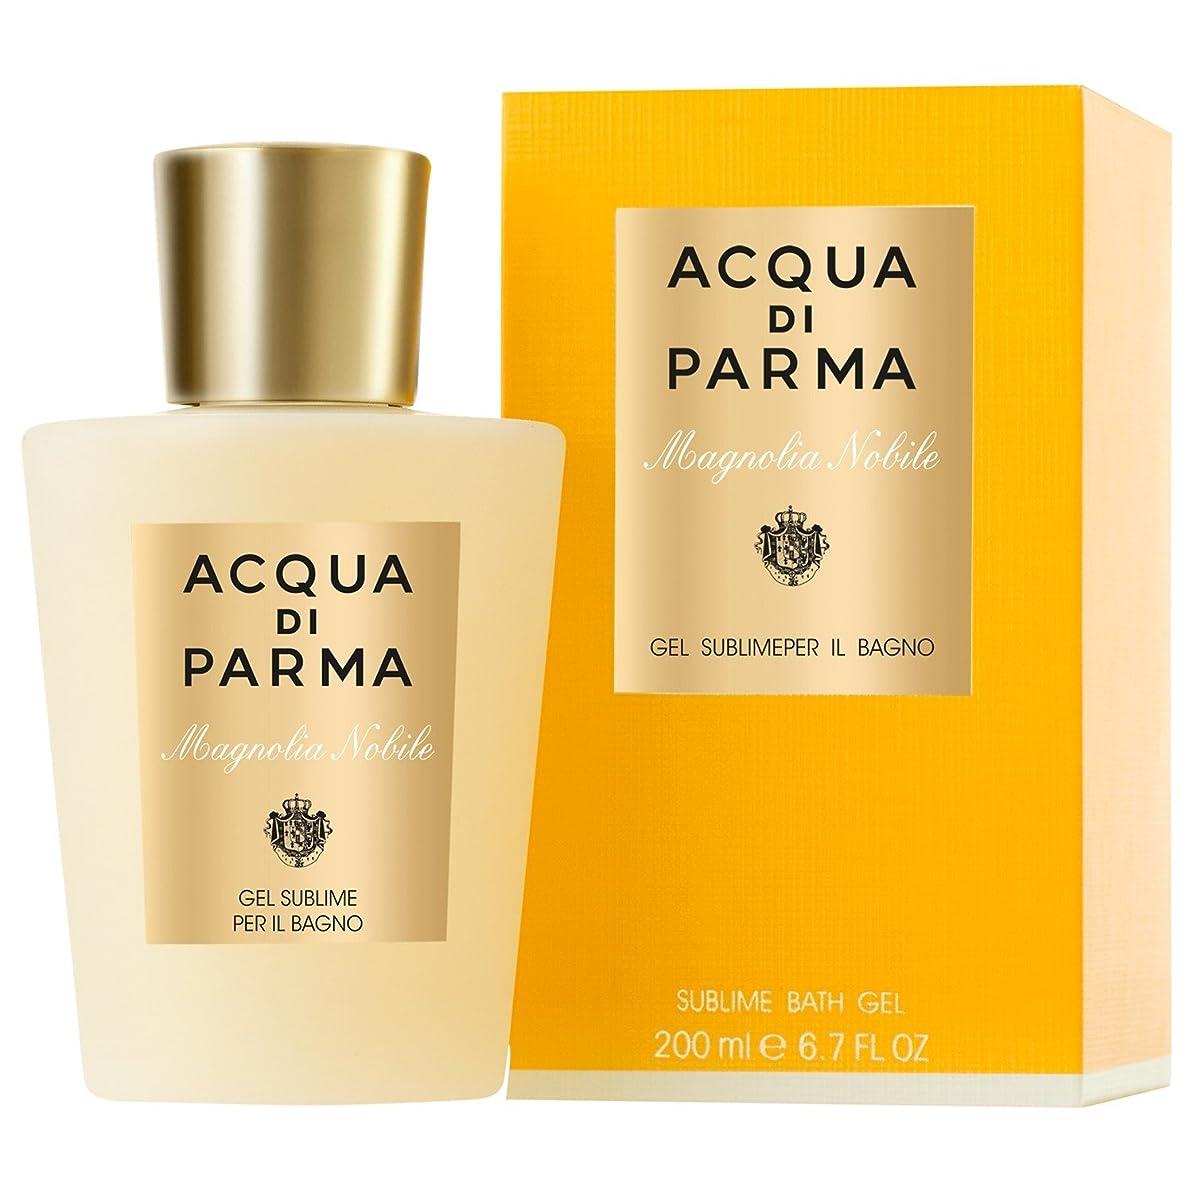 マットレスミスペンド推定するアクア?ディ?パルマモクレンノビルシャワージェル200ミリリットル (Acqua di Parma) - Acqua di Parma Magnolia Nobile Shower Gel 200ml [並行輸入品]